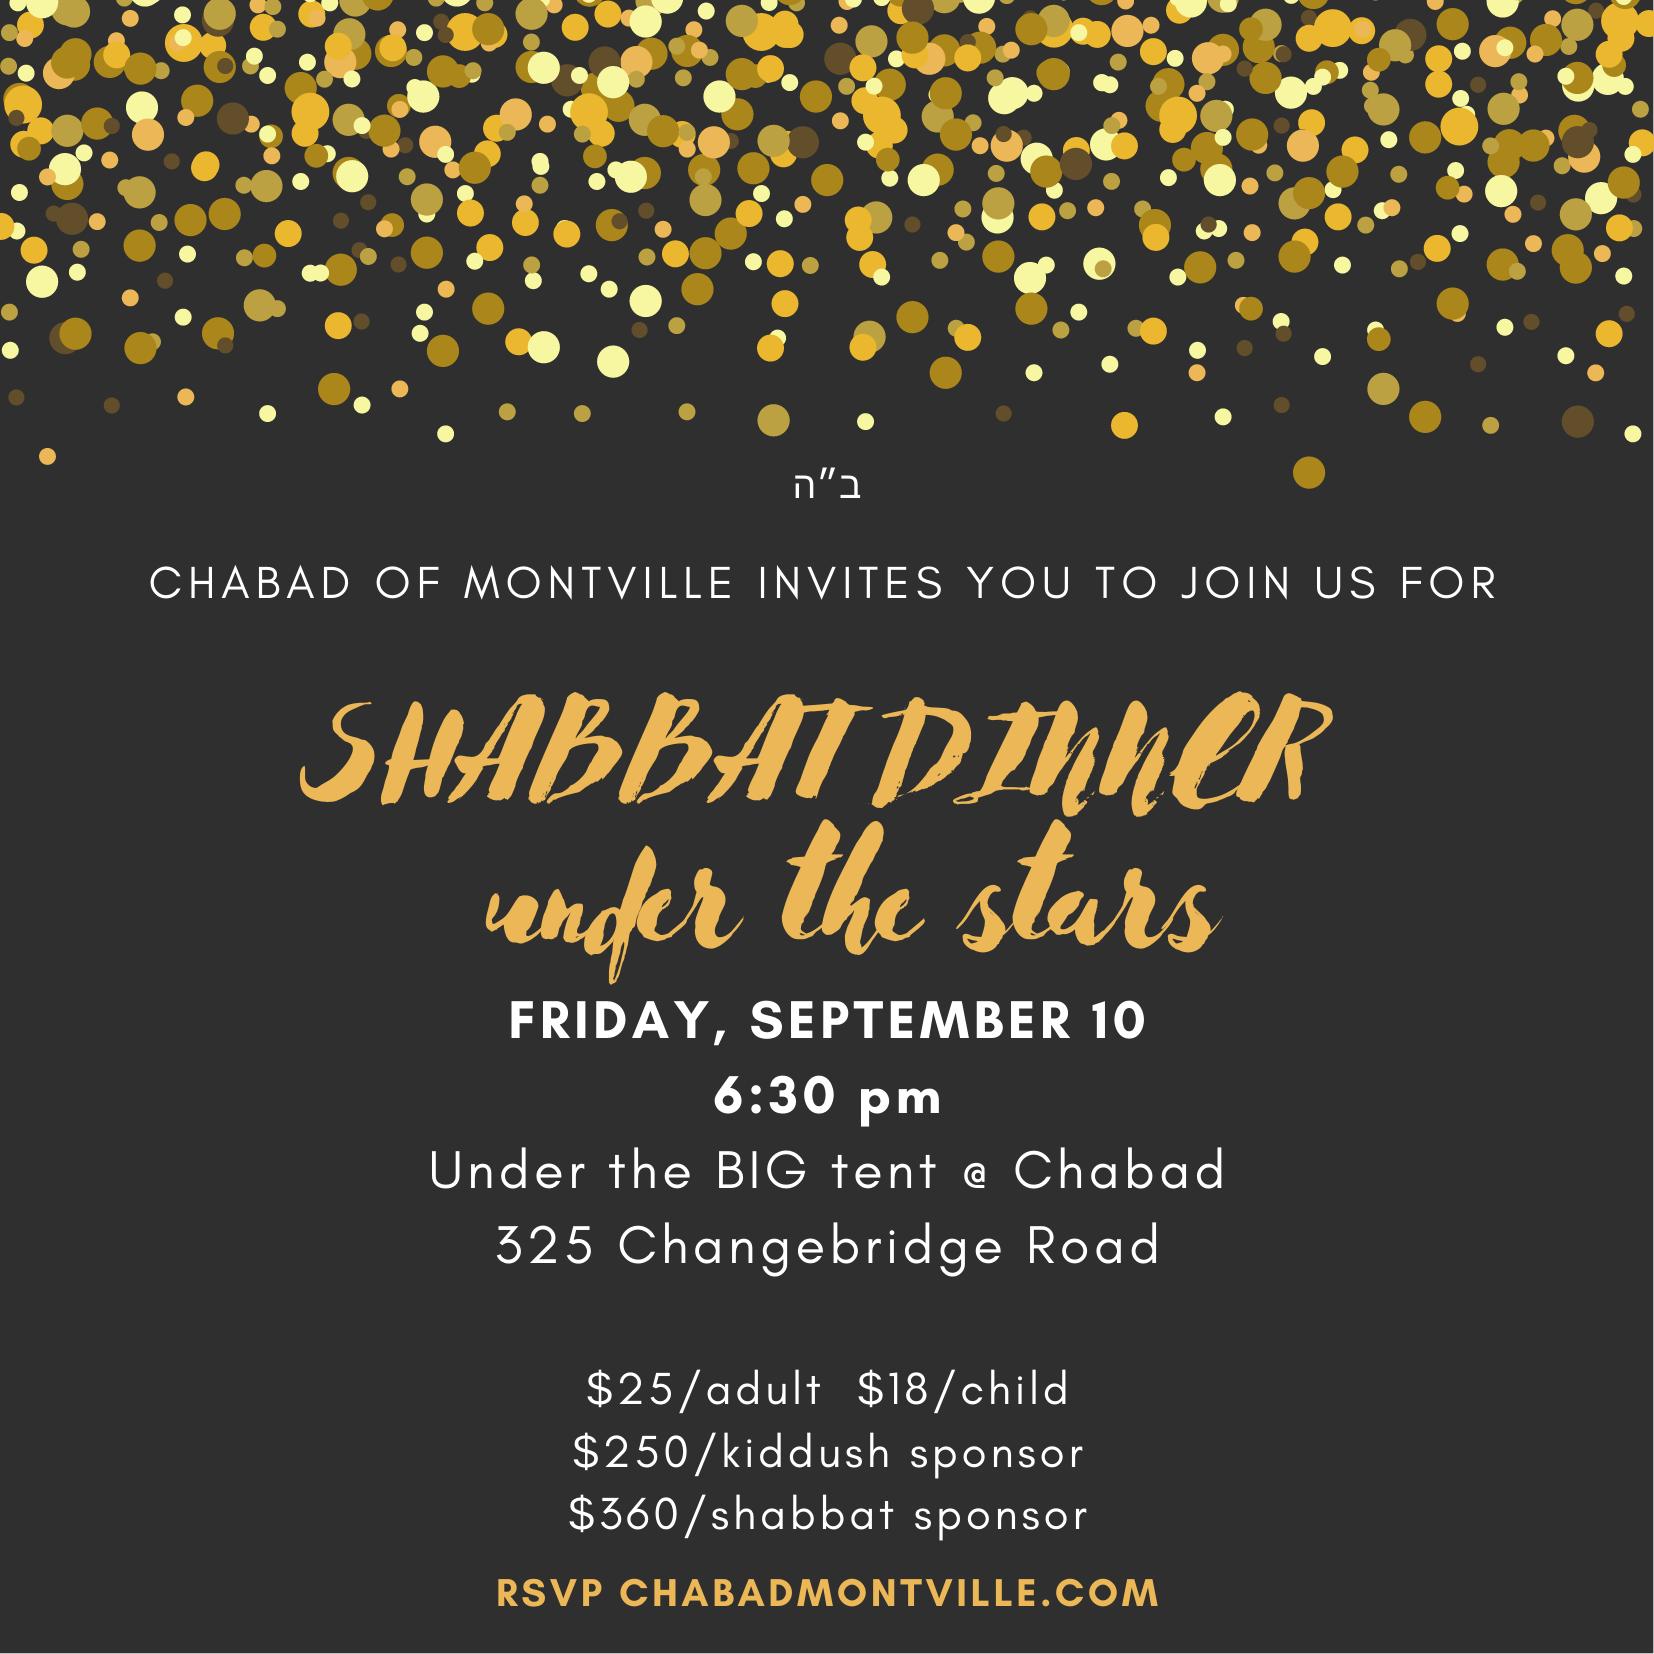 Shabbat Dinner under the Stars.png